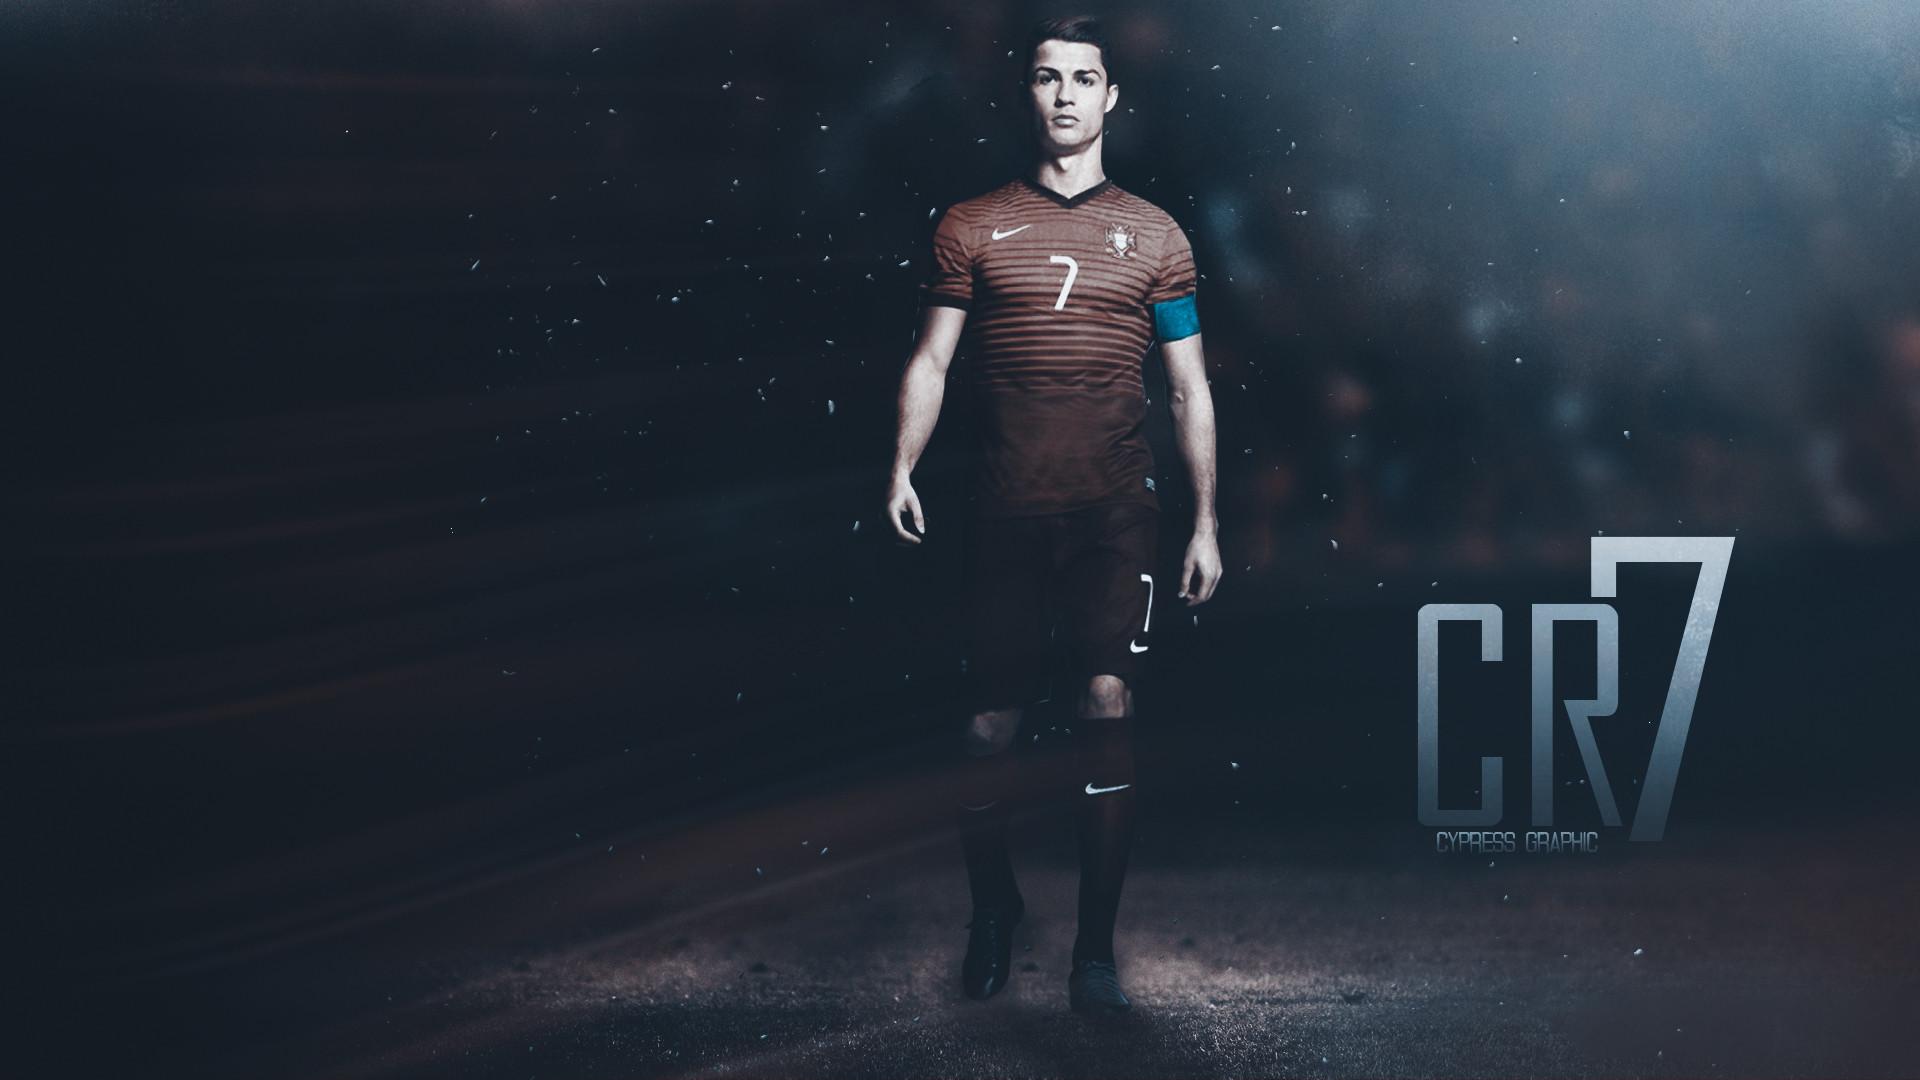 Cristiano Ronaldo Wallpapers HQ